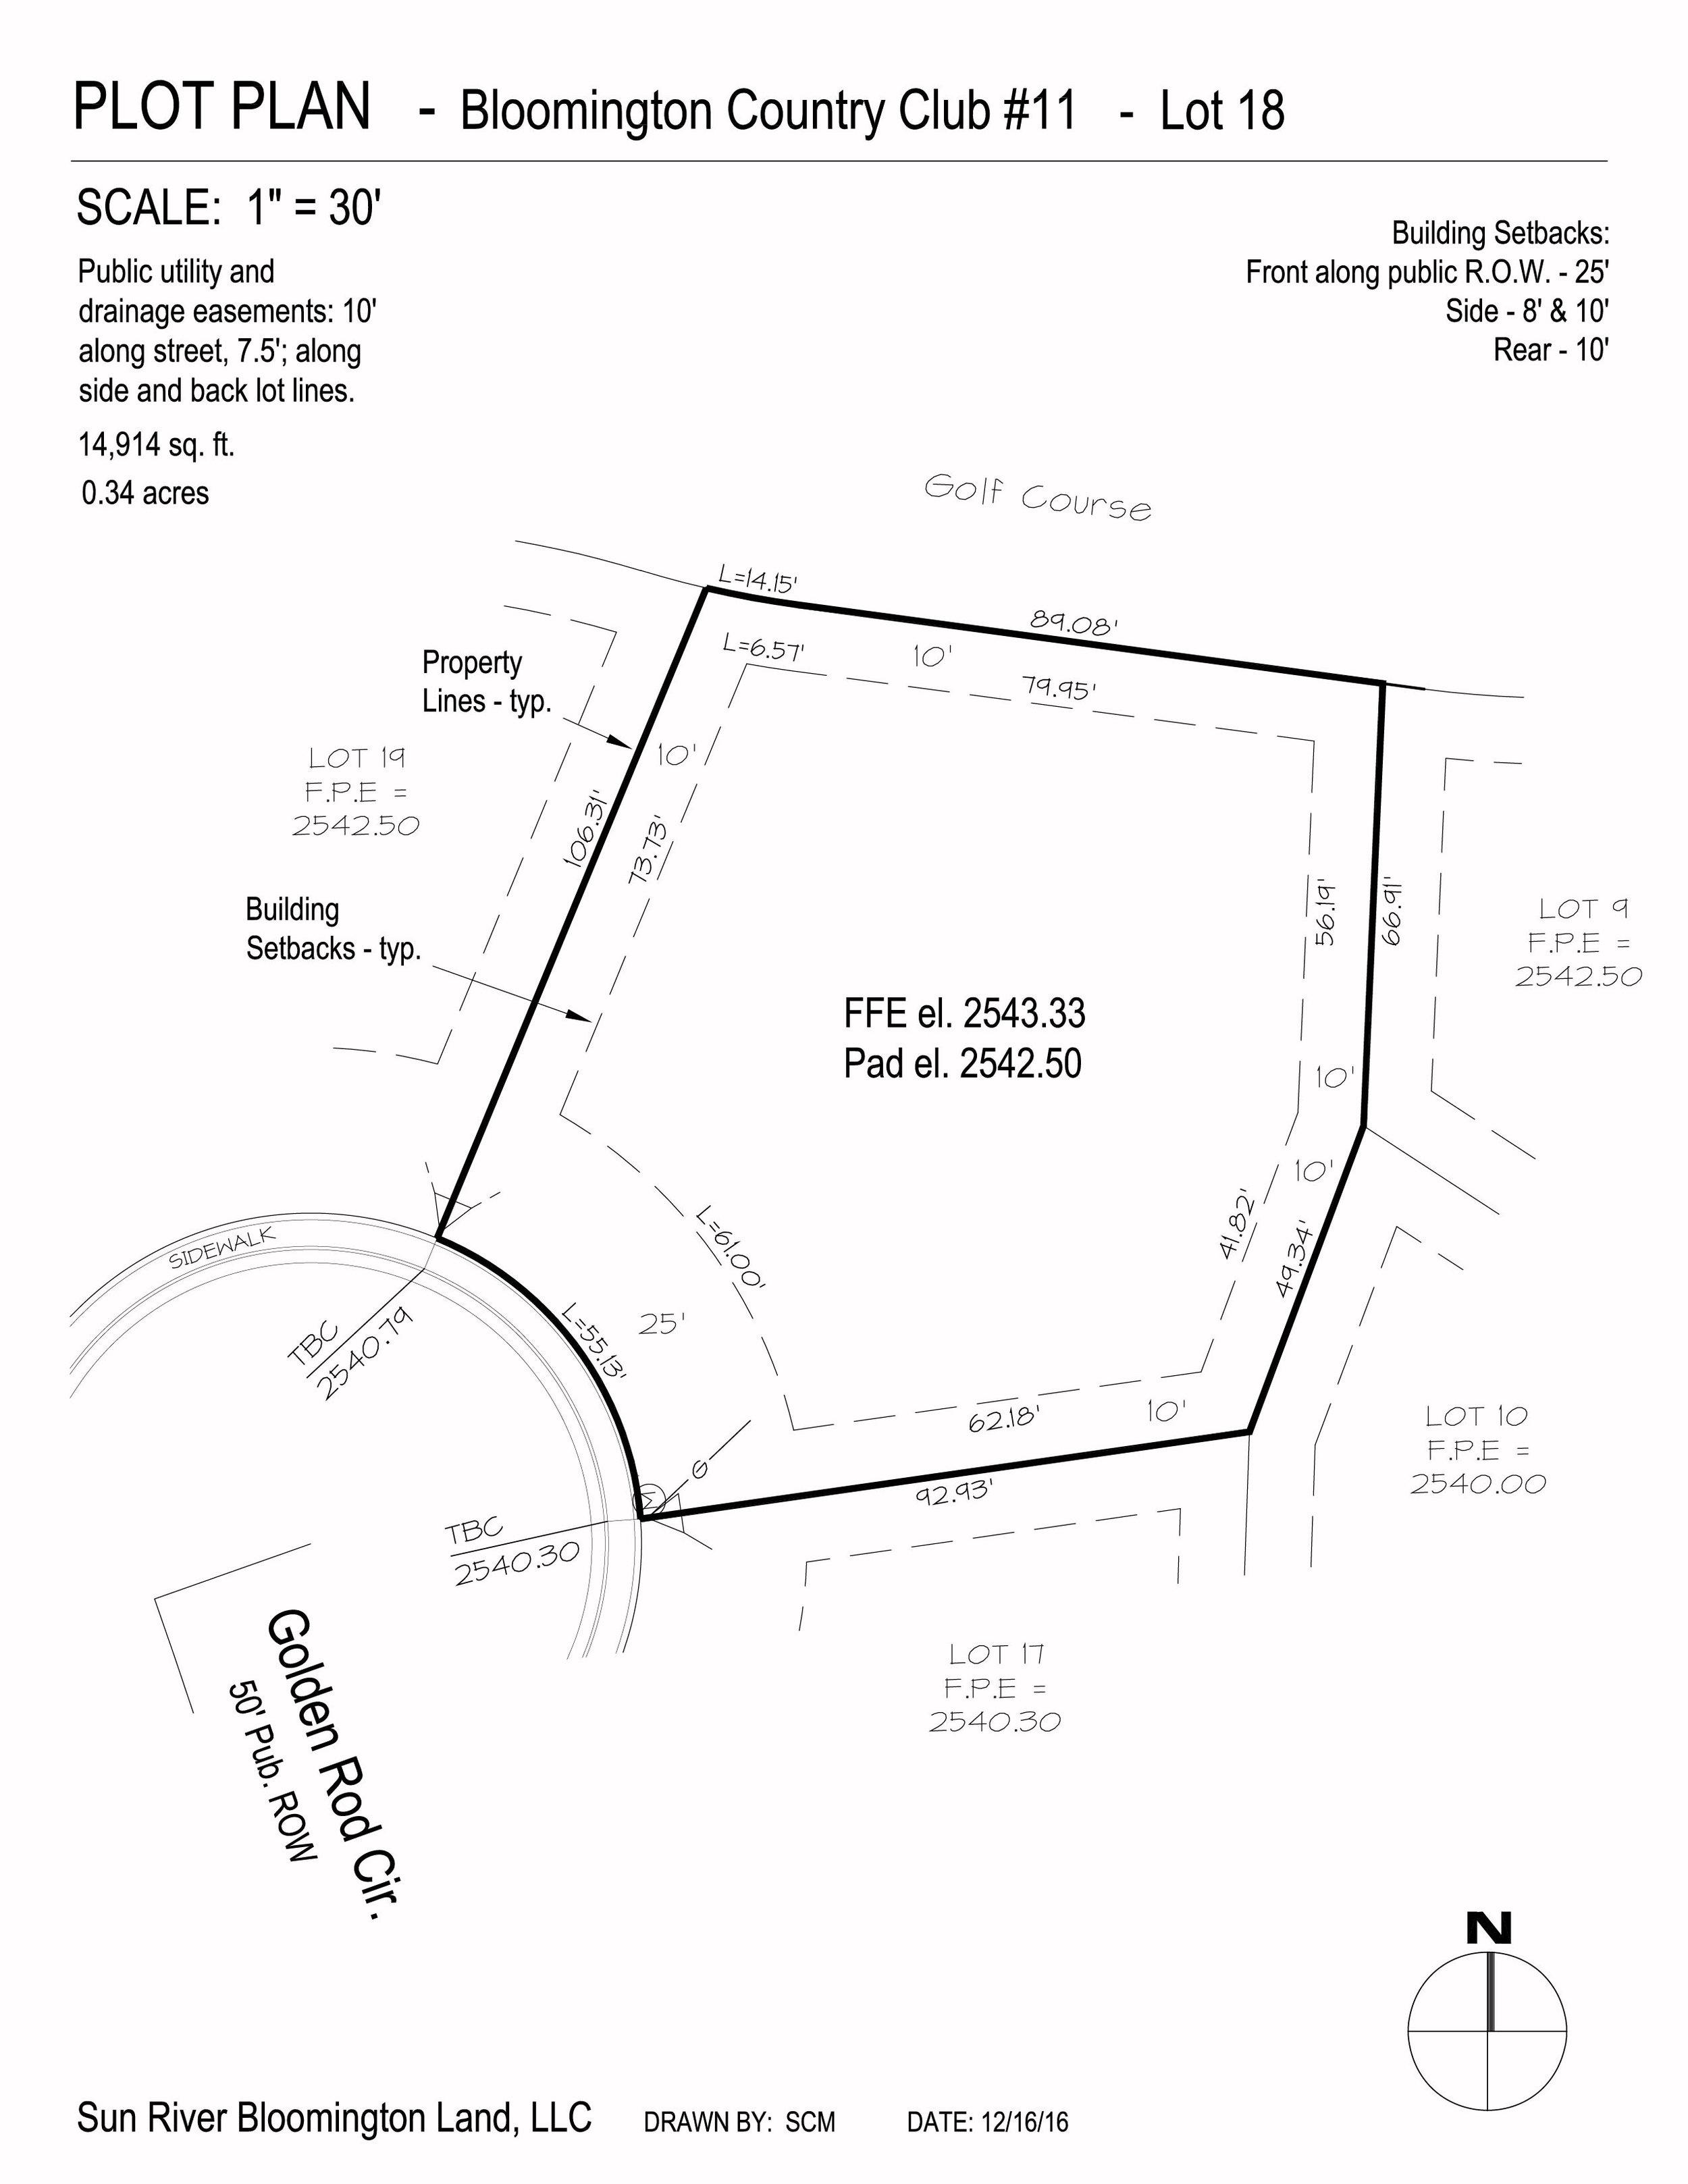 hamblin plot plans-18.jpg